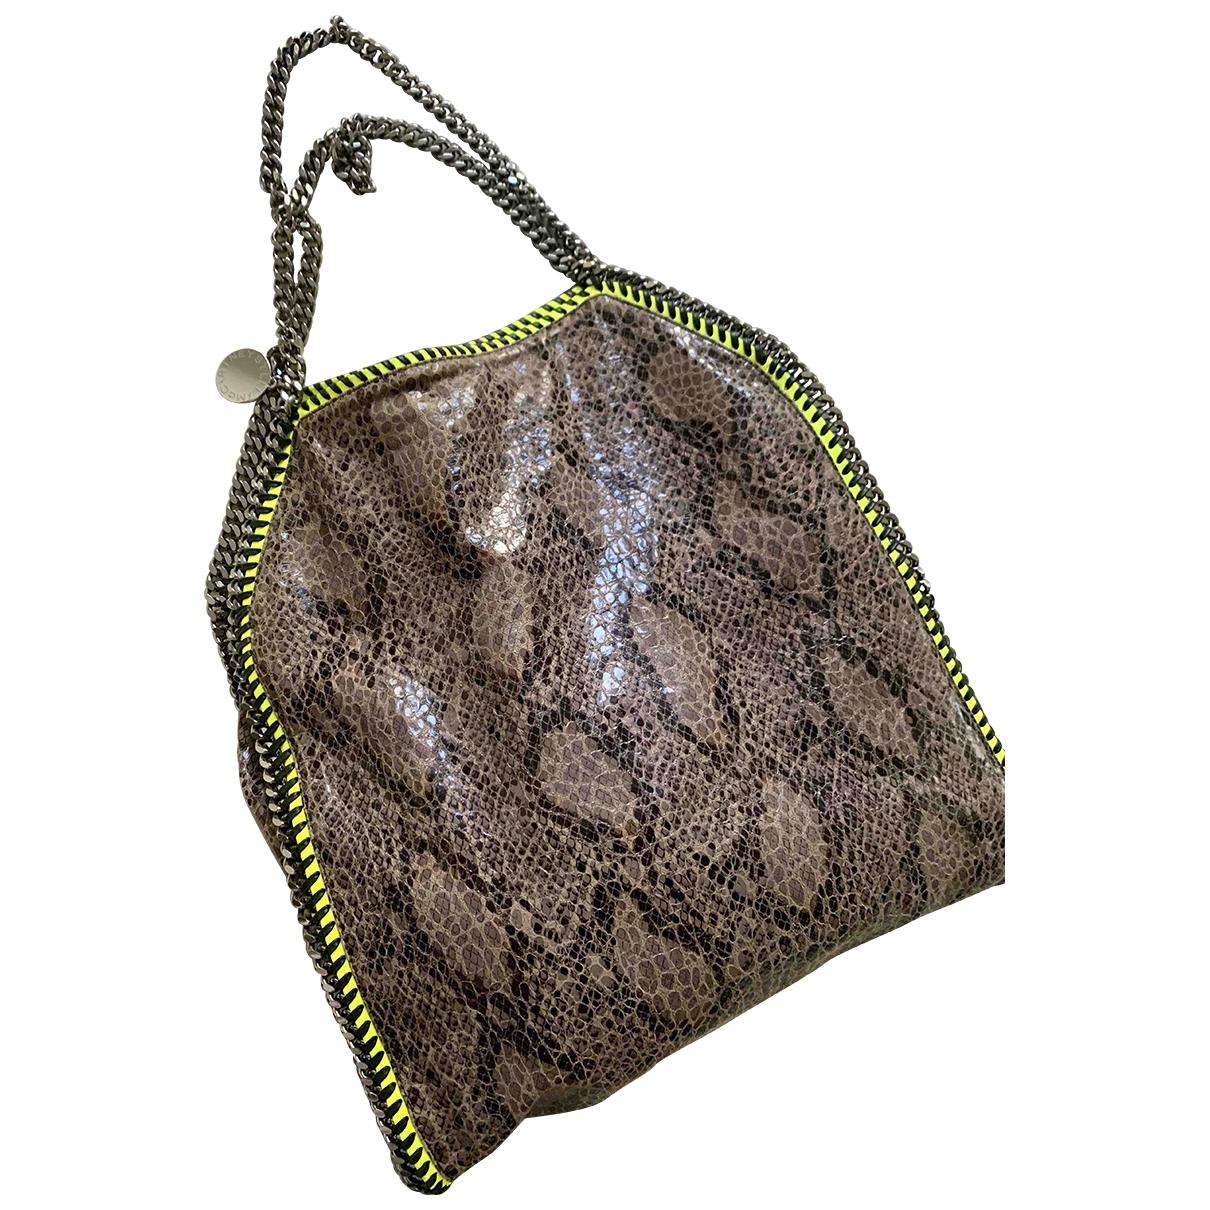 Stella Mccartney Falabella Handtasche in Leinen